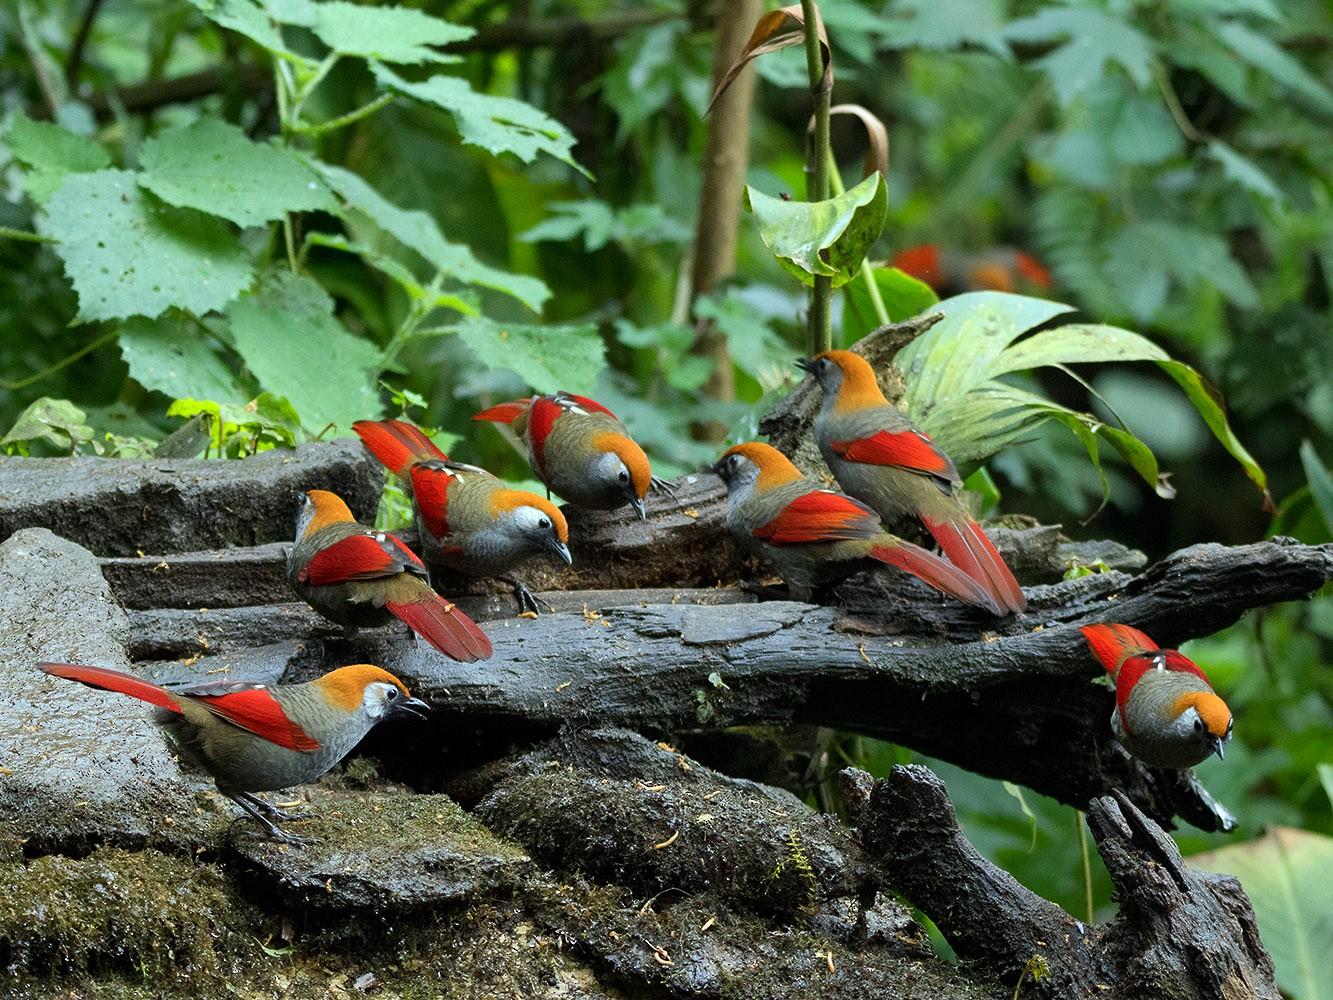 Red-tailed Laughingthrush - Ayuwat Jearwattanakanok